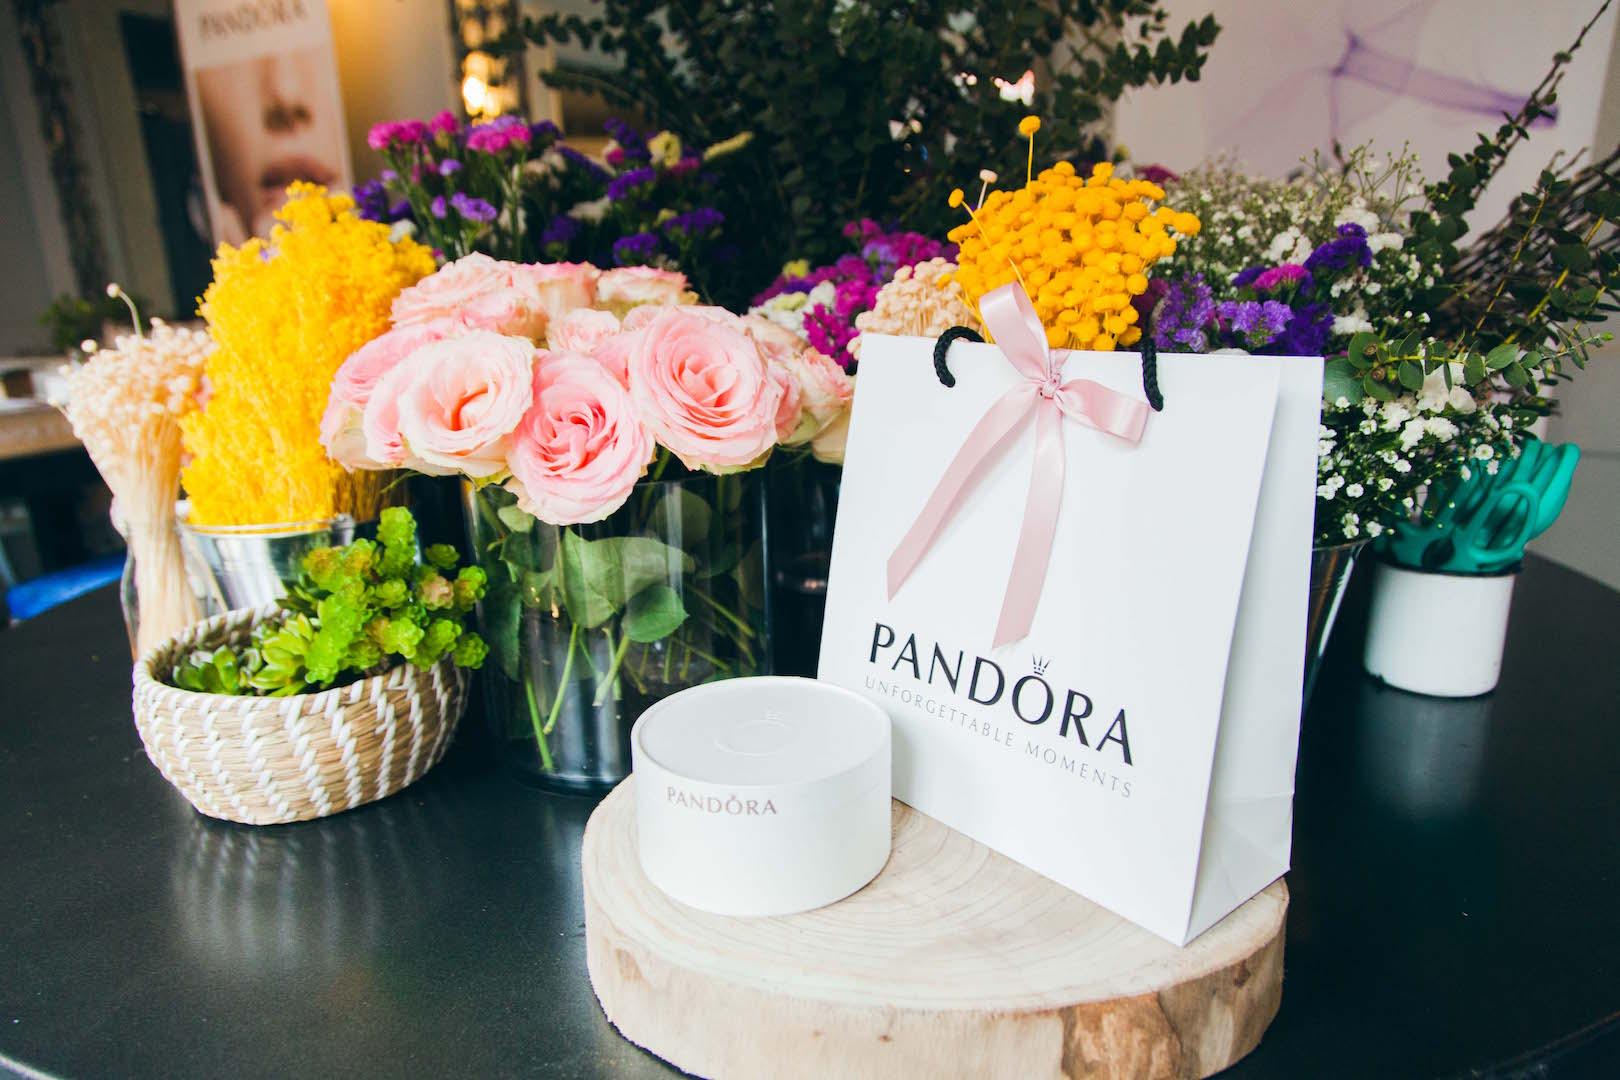 Pandora_4431